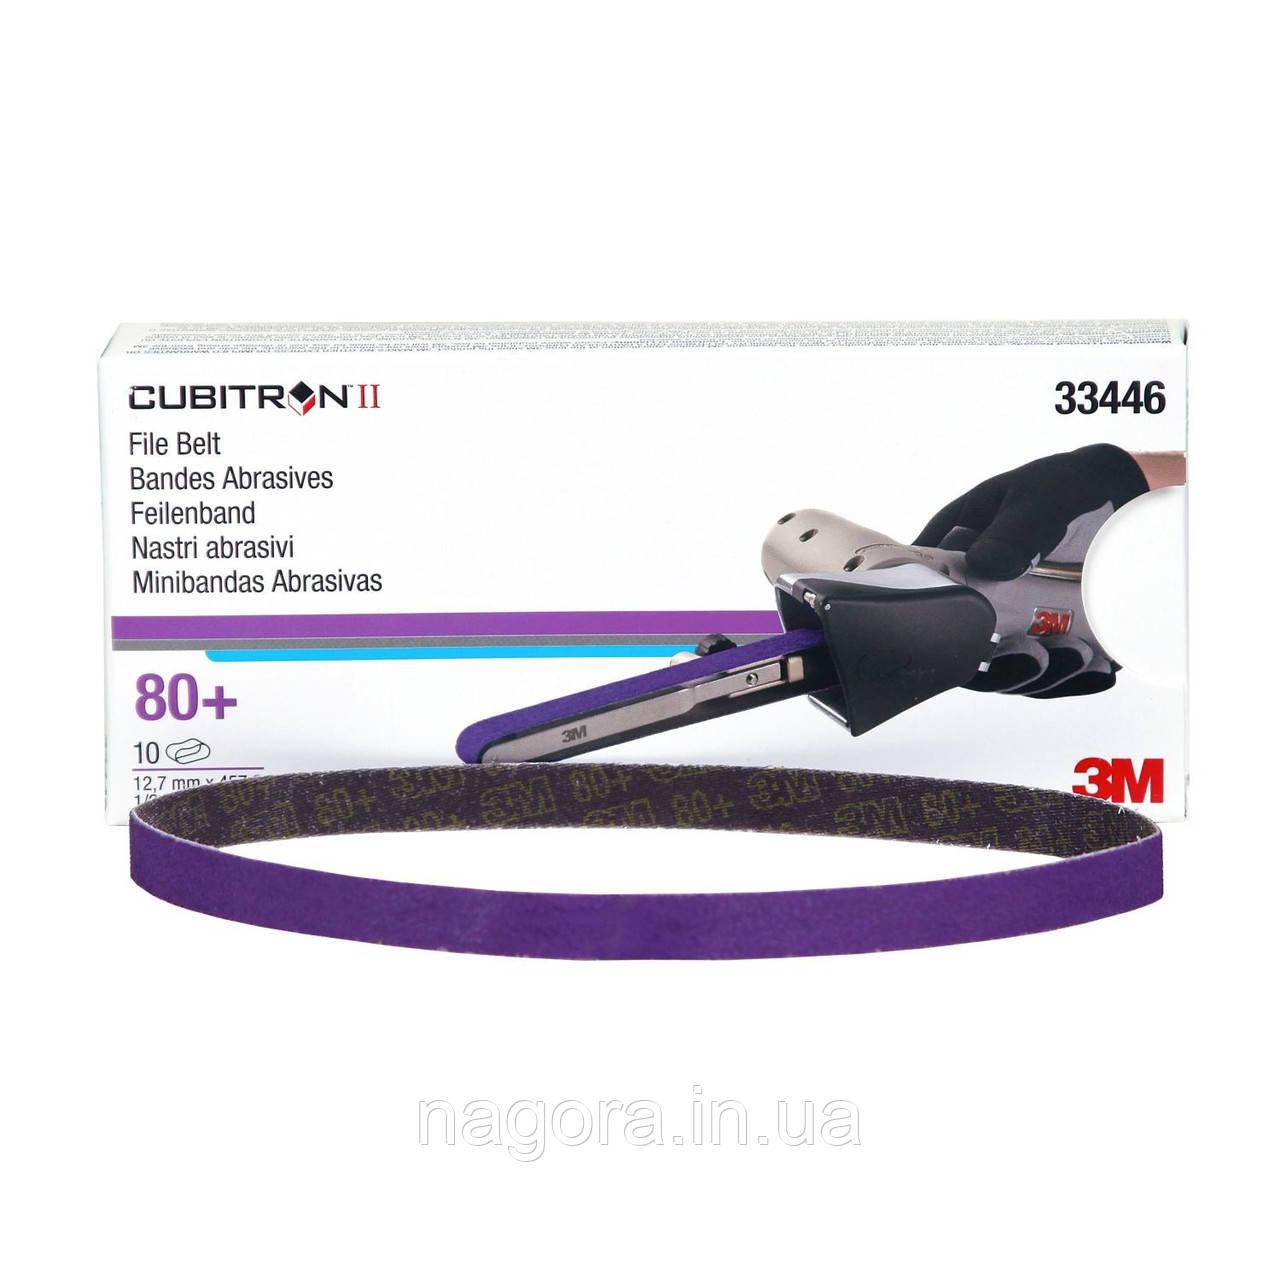 Шлифовальная лента 3M™ 786F Cubitron™ II 13*457мм 80+